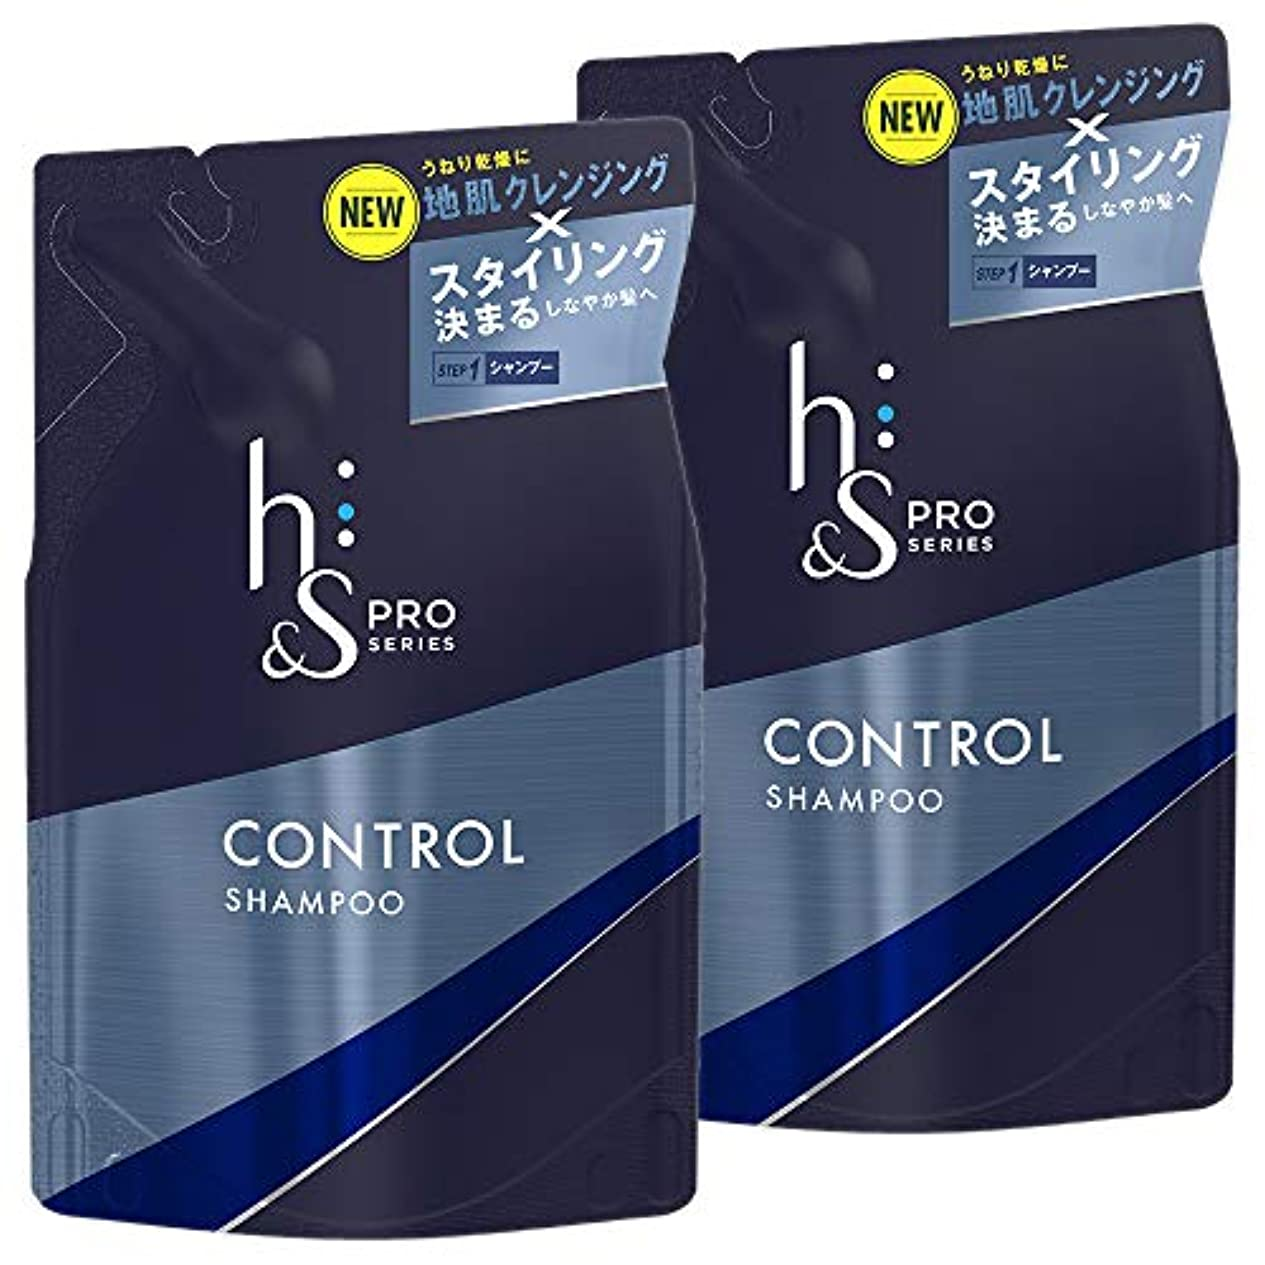 生命体友情滅びる【まとめ買い】 h&s for men シャンプー PRO Series コントロール 詰め替え 300mL×2個